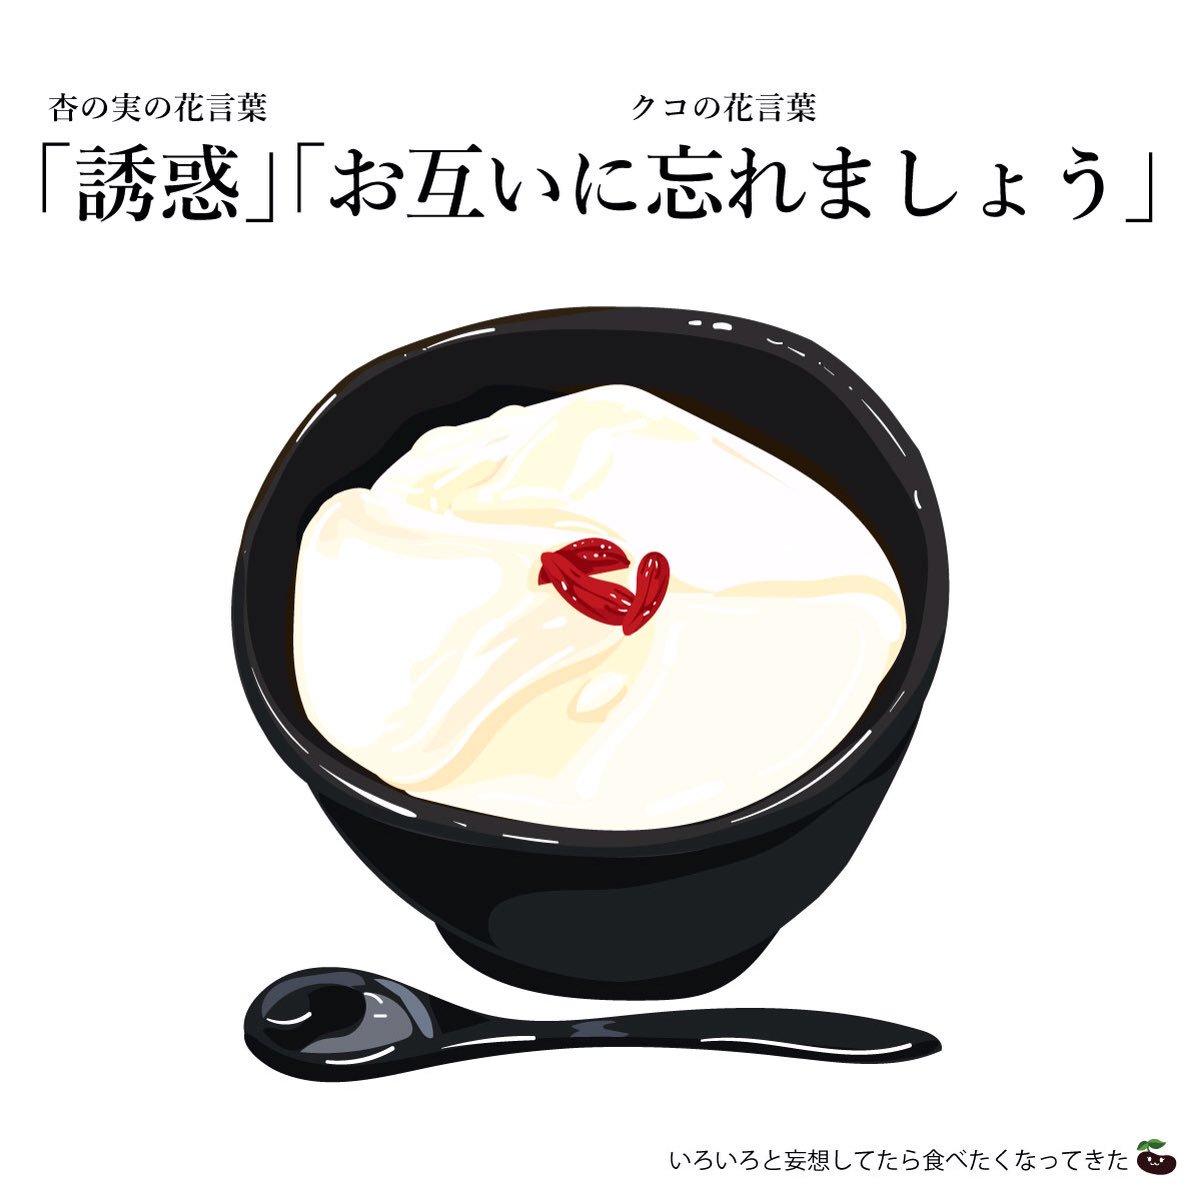 杏仁豆腐は杏の種子の核(杏仁)を原料にして作られ、上にクコの実がのっています。薬膳料理の一種で、咳止…